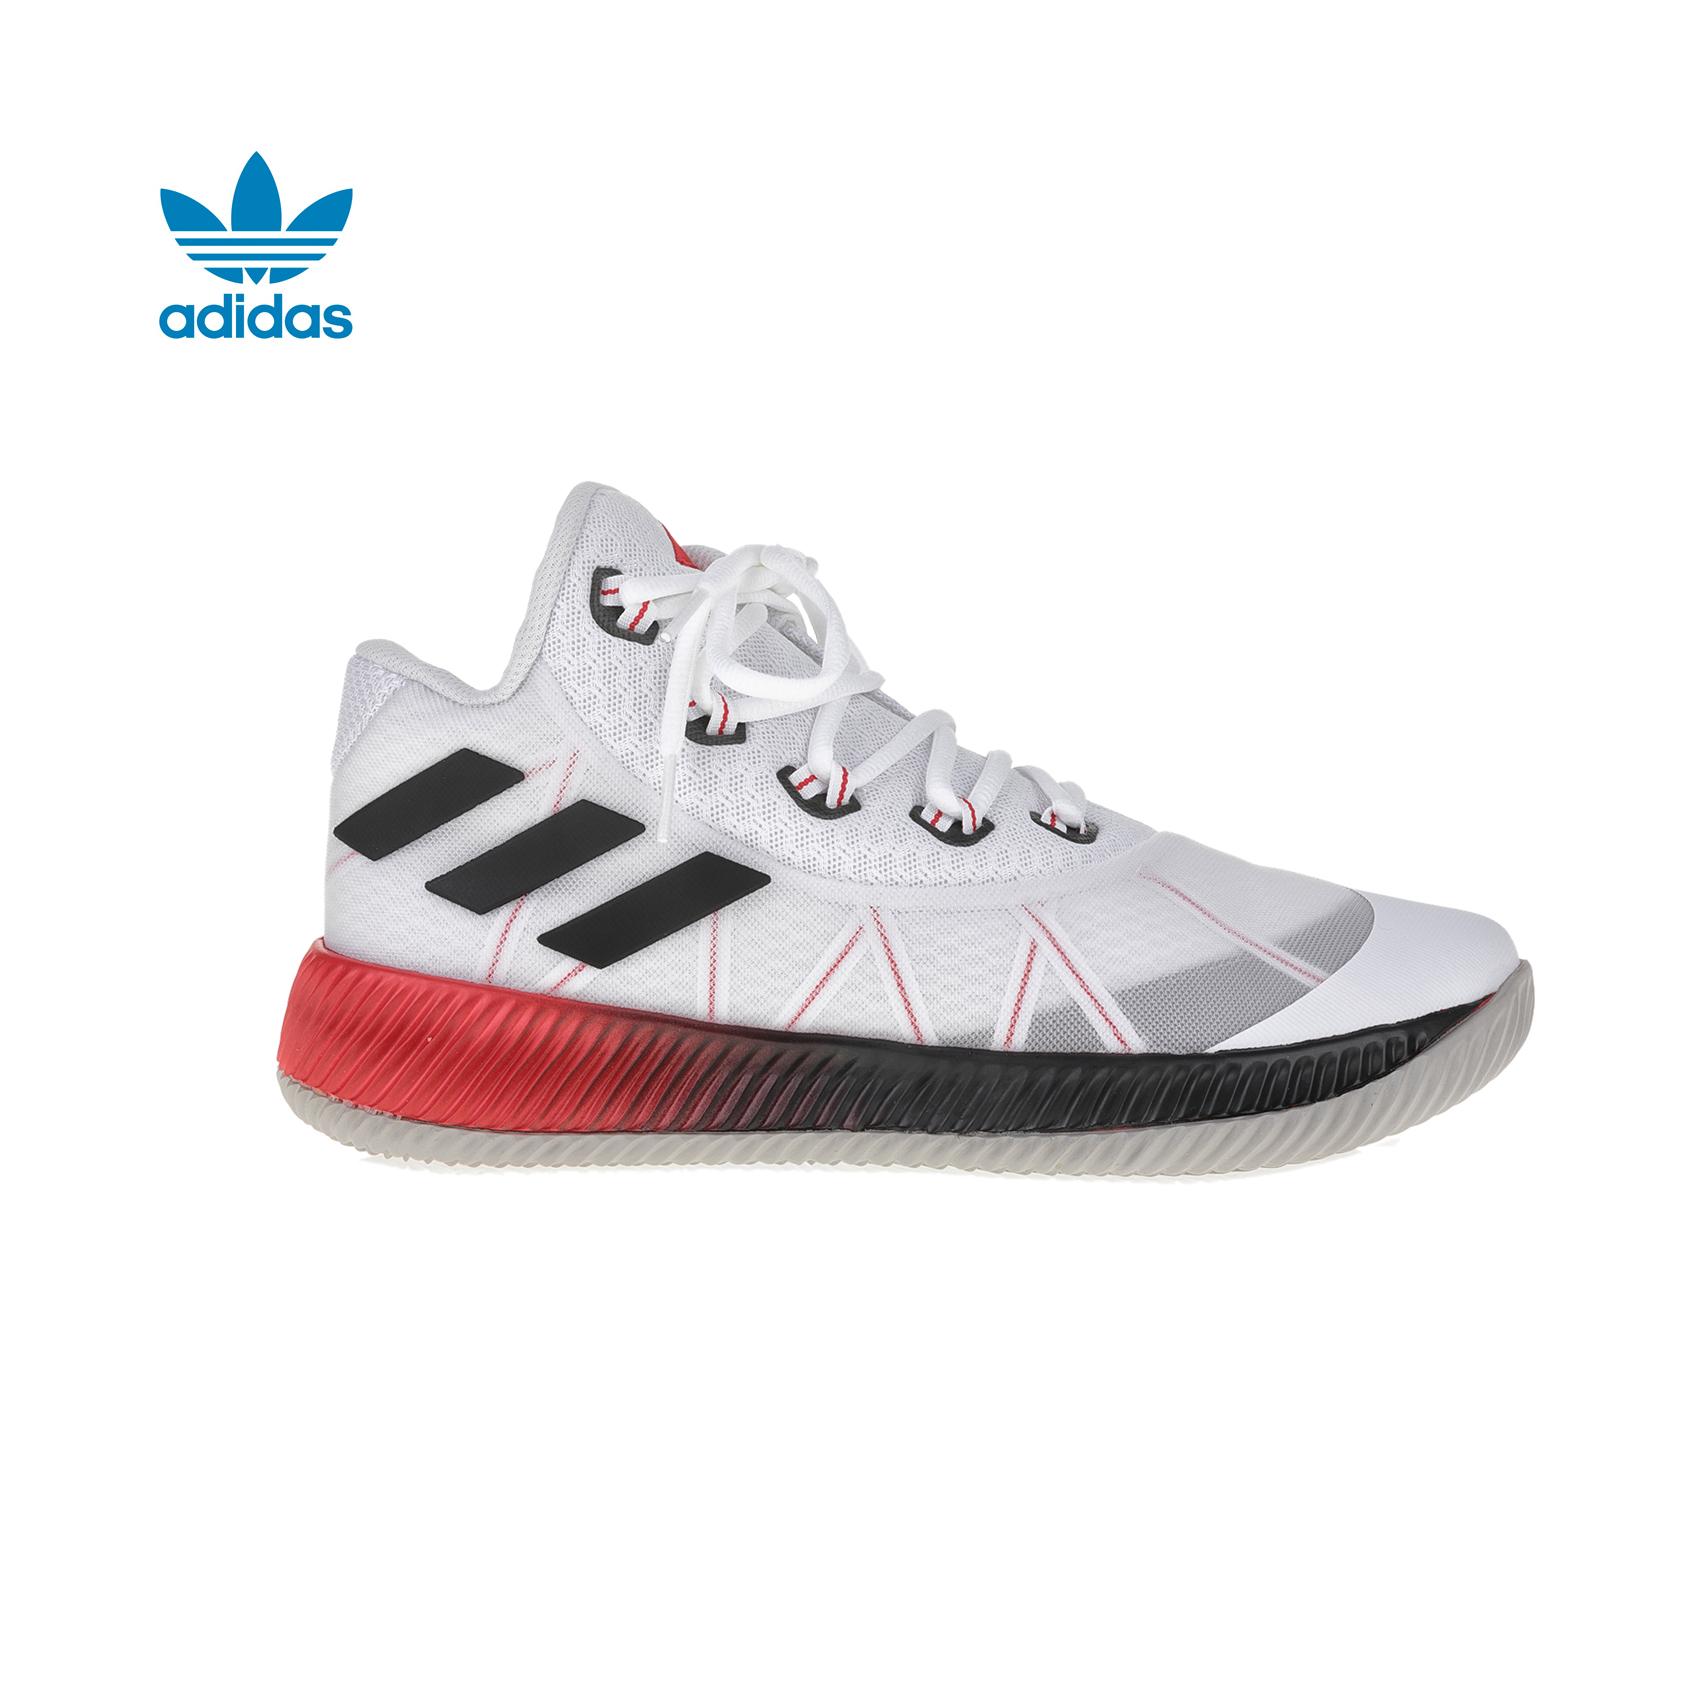 adidas Originals - Ανδρικά παπούτσια μπάσκετ adidas Light Em Up 2017 λευκά ανδρικά παπούτσια αθλητικά basketball